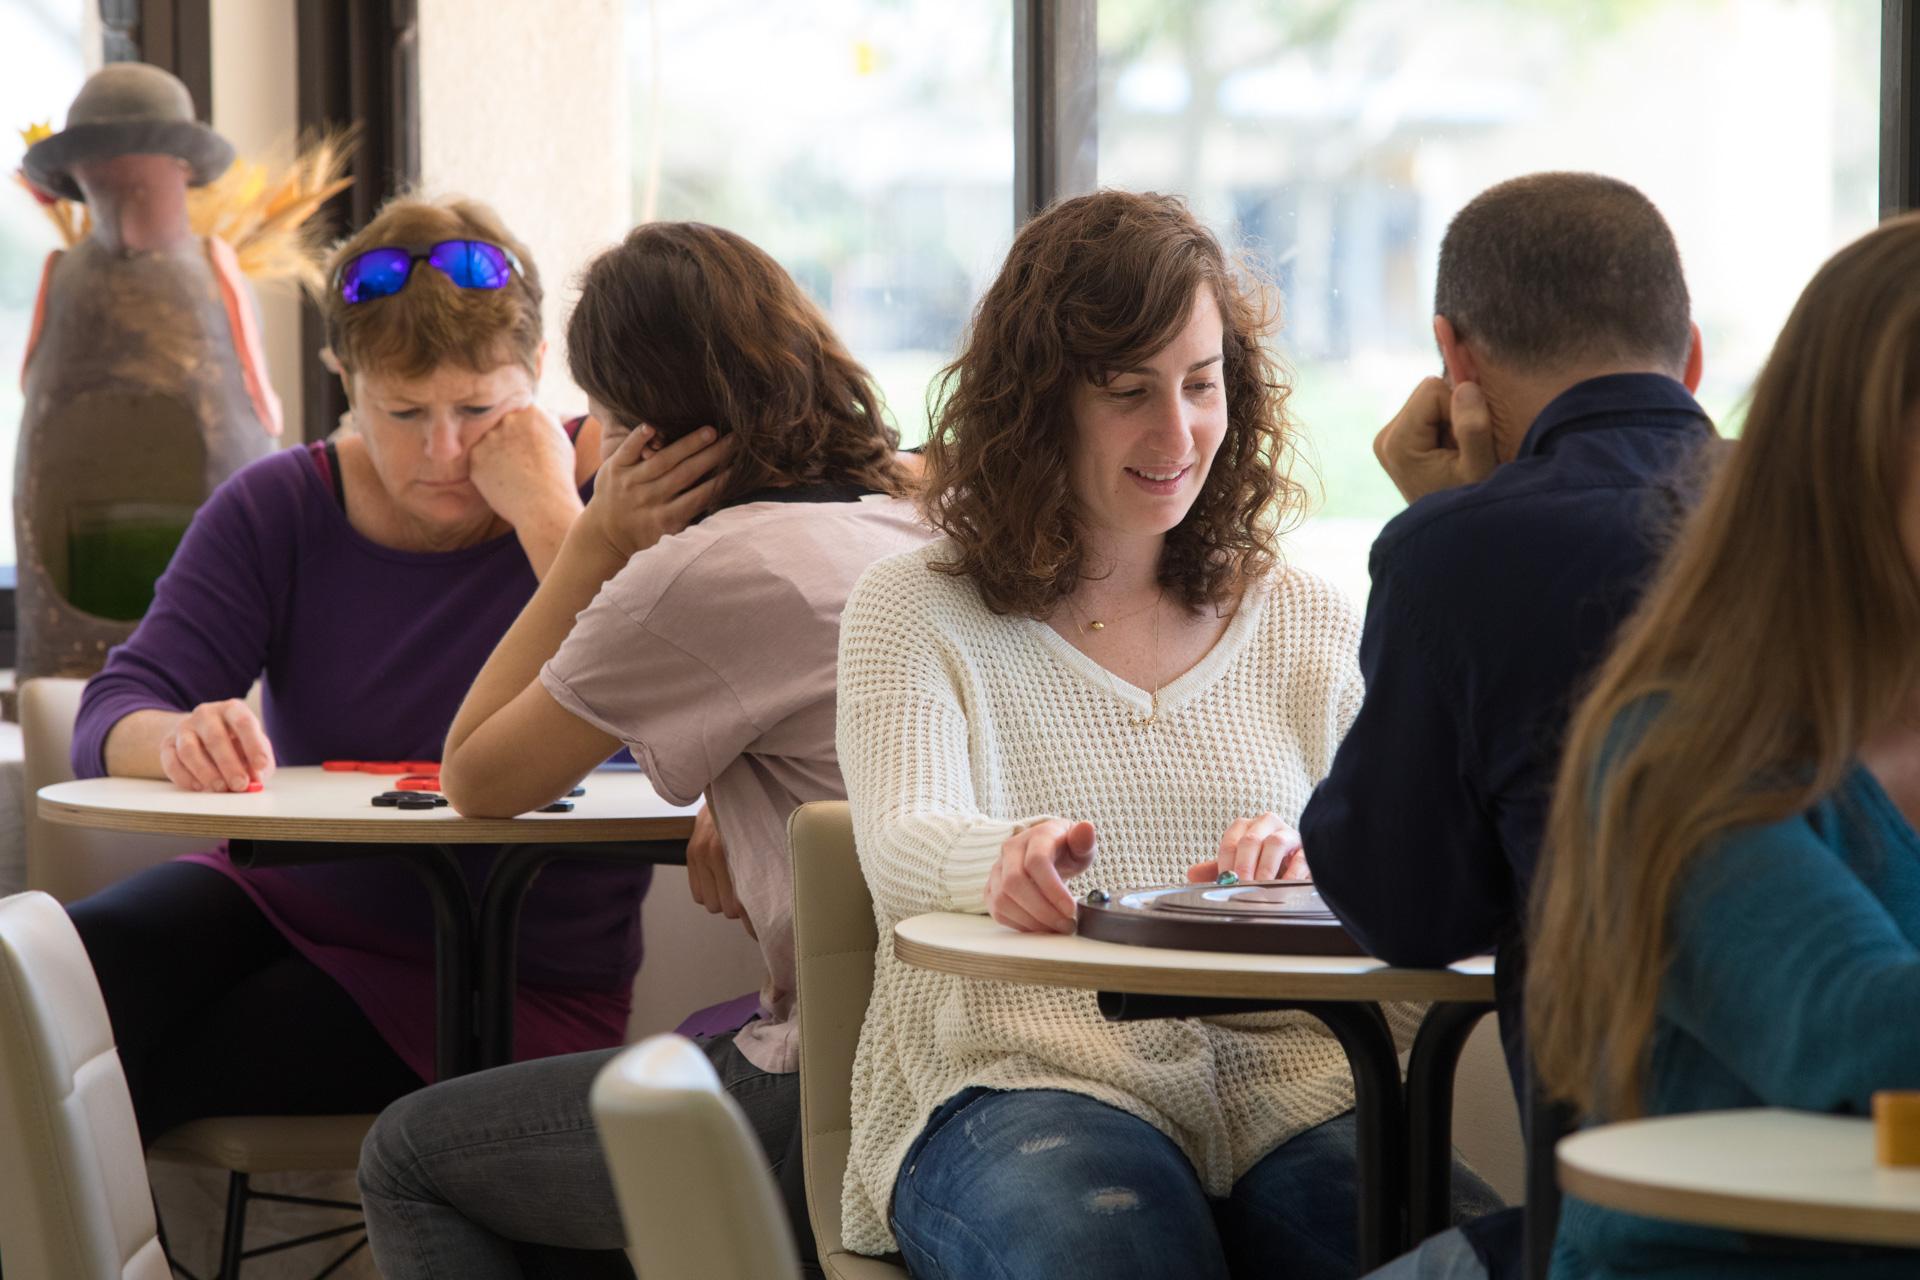 פלונטר - פעילות מהנה לצוות המורים בחינם